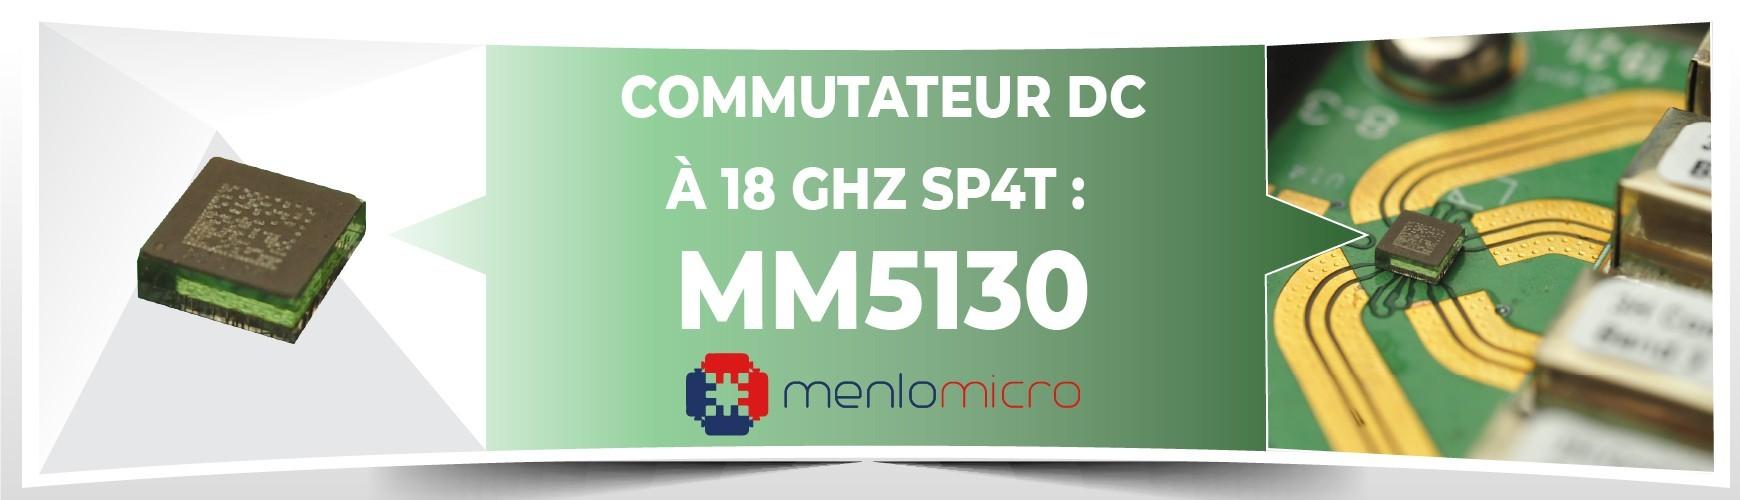 Commutateur MM5130, par Menlo Micro